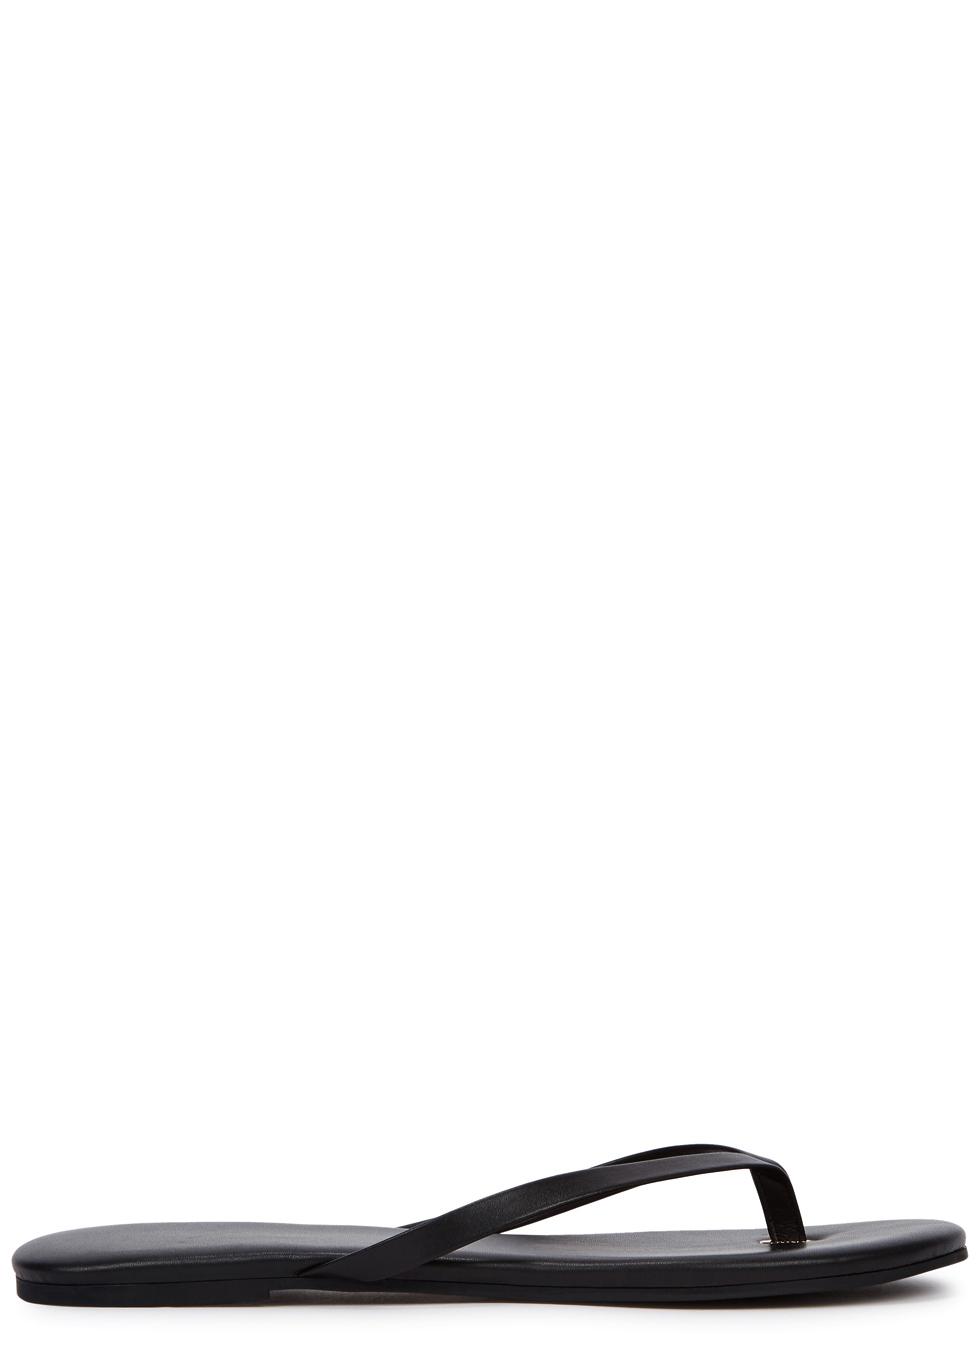 c275aaa39 Melissa Odabash White leather sandals - Harvey Nichols